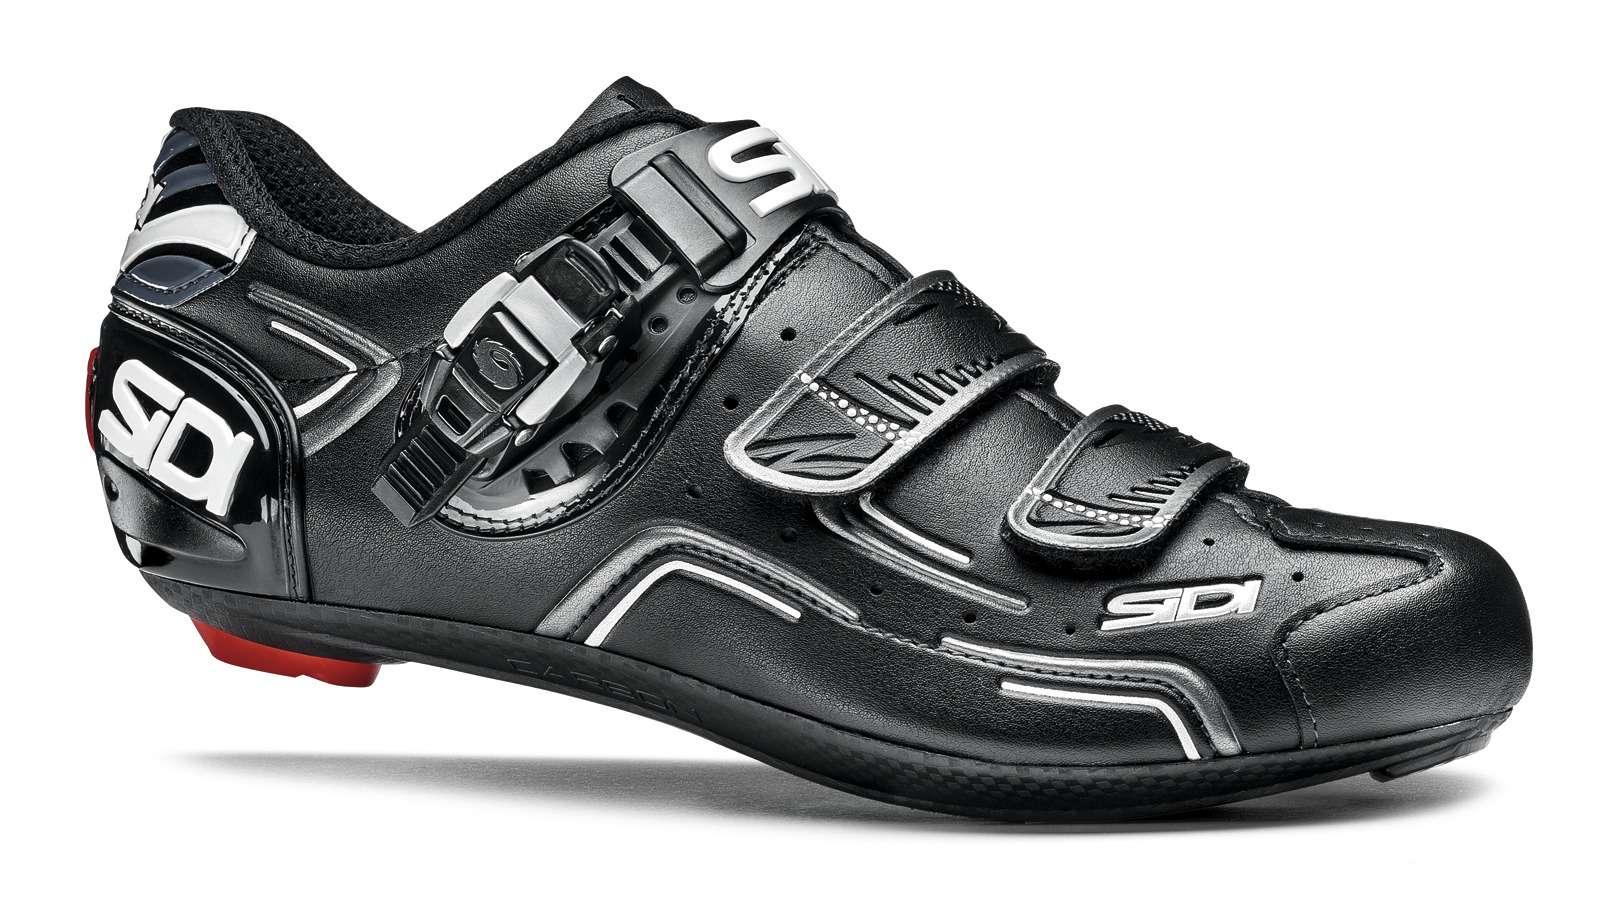 Chaussures Niveau Sidi Hommes Noir 48 2017 Chaussures De Vélo De Route Cliquez YIDpq1h